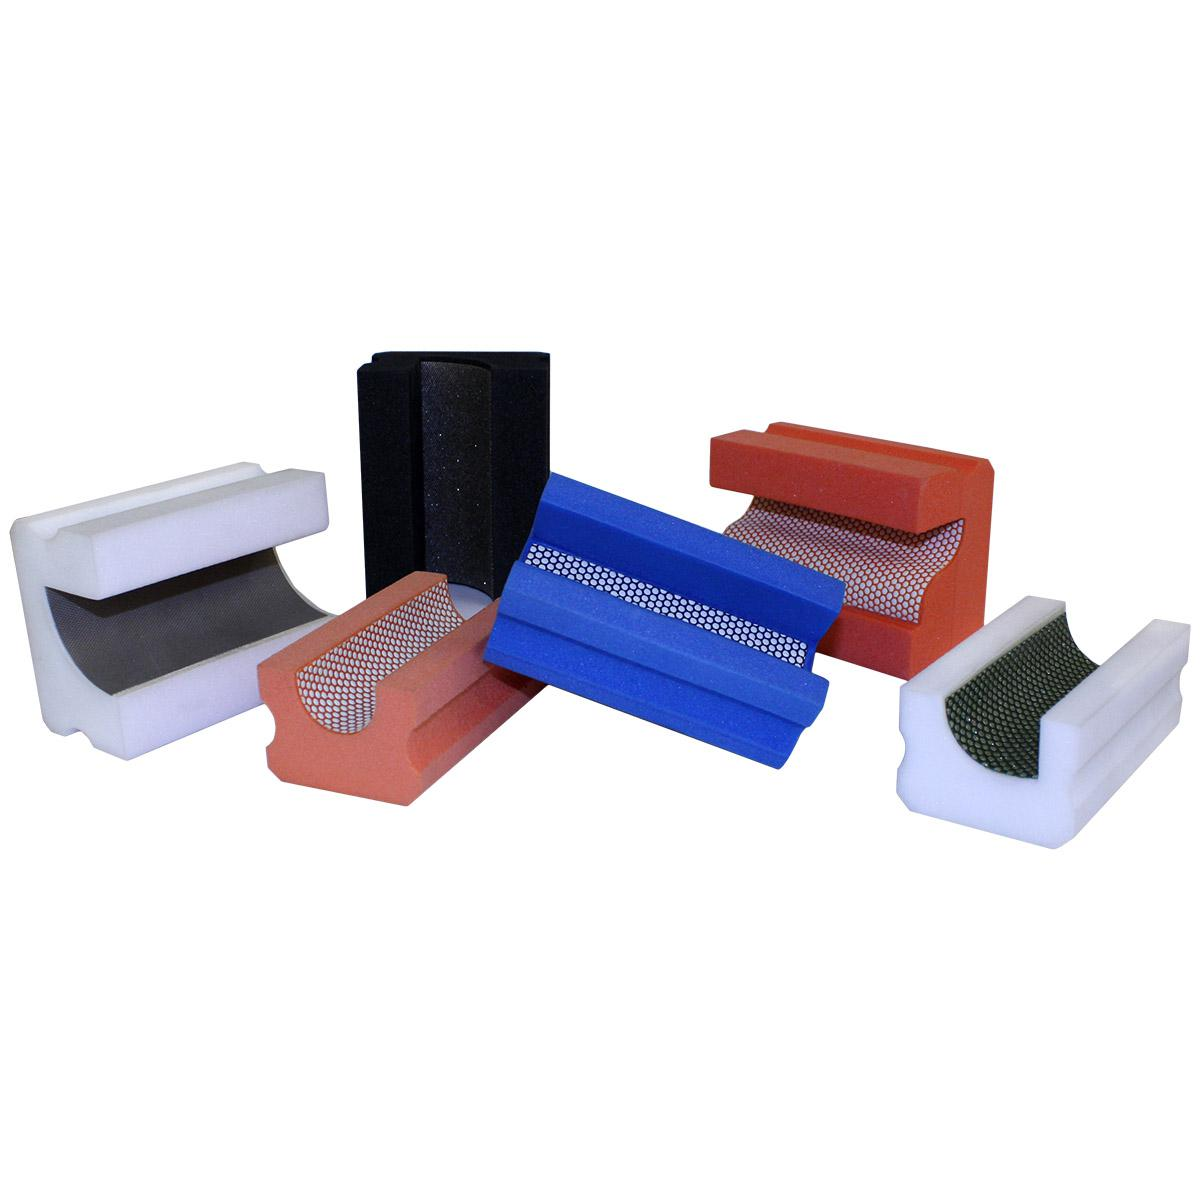 Затир ручной (профиль F) h-30 мм, зерно 8000 (оранжевая, полимер)